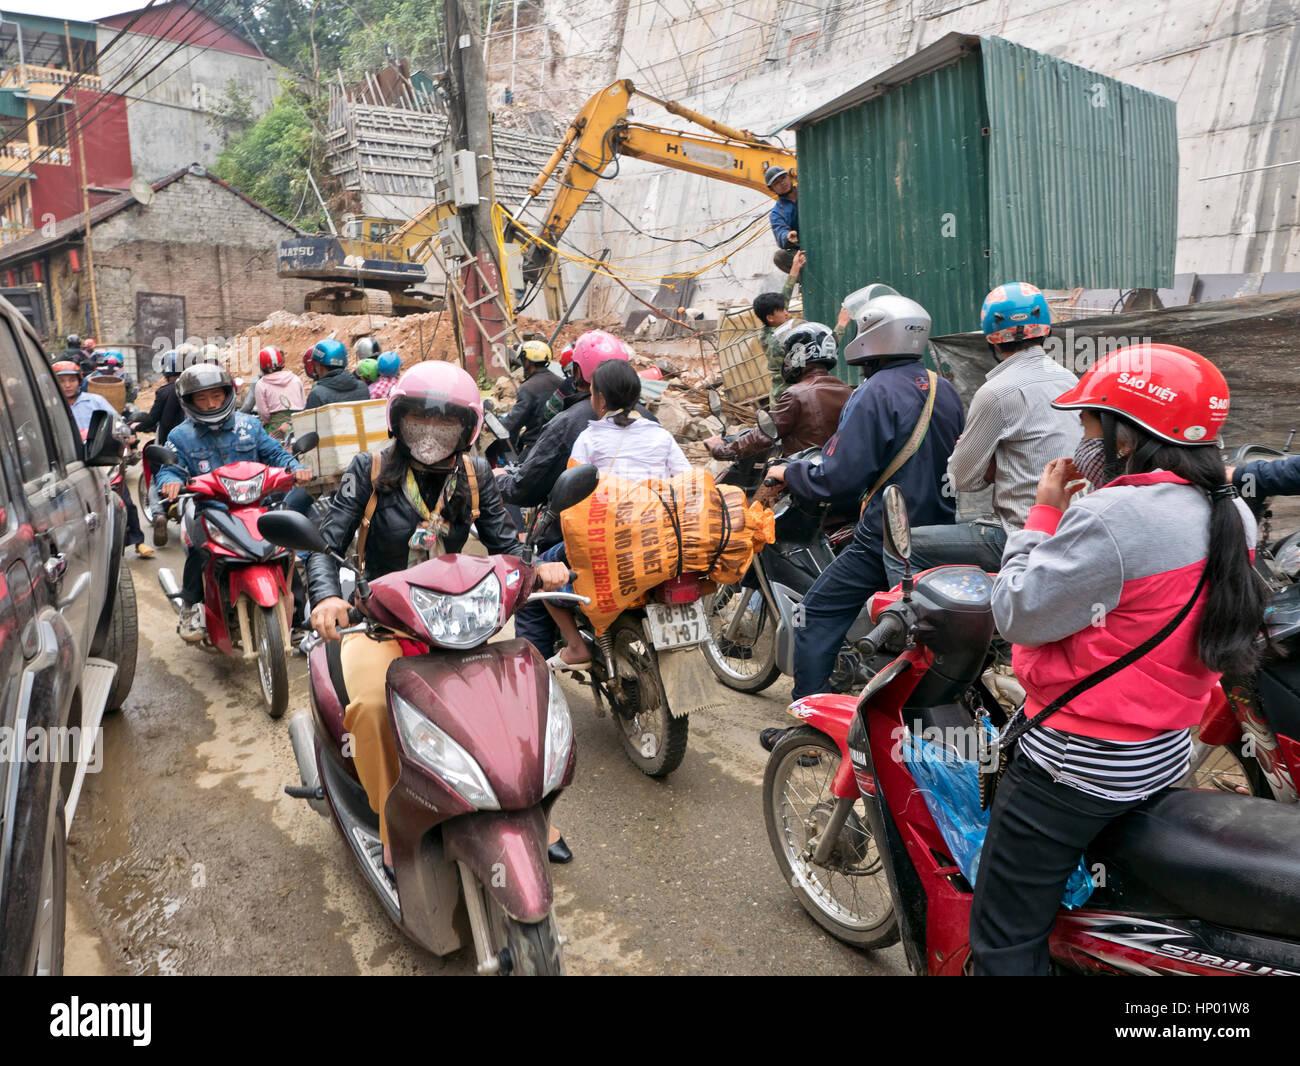 Les trottinettes et les motocyclettes, portant des casques & équipements de protection, la rue de la ville, Photo Stock